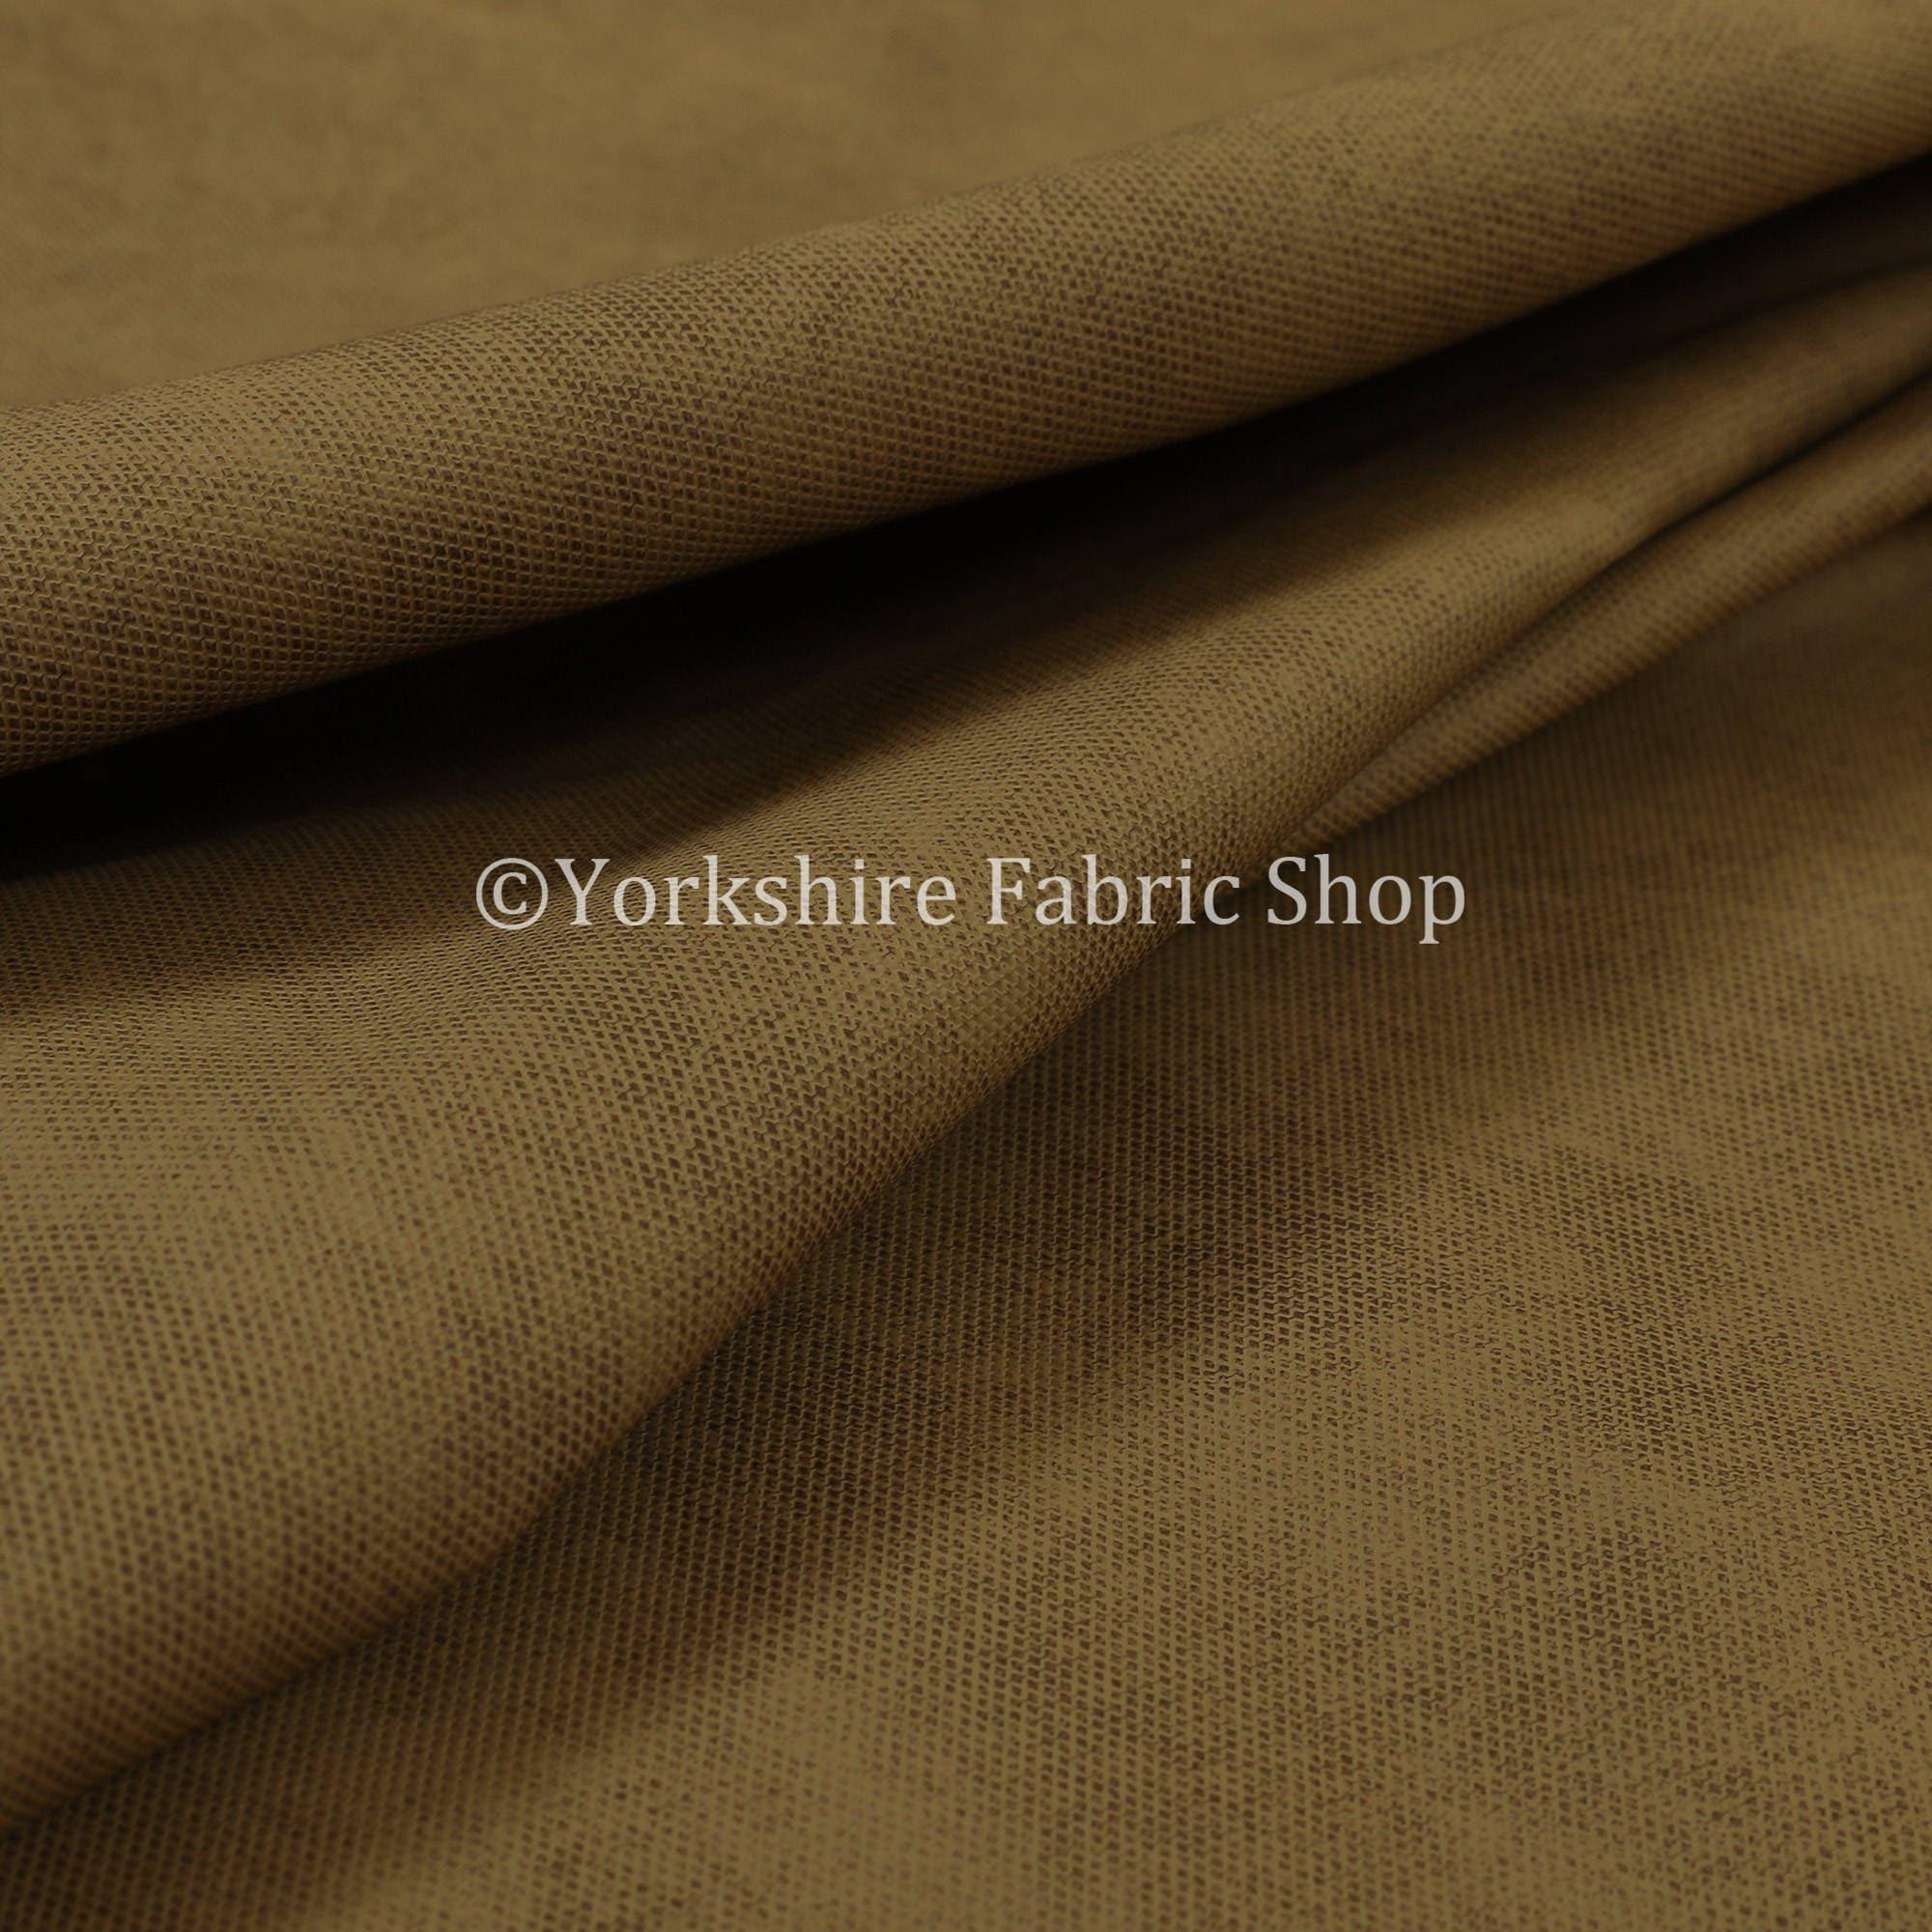 Nouvelle Suède mat mat mat qualité Touch collant couleur marron simili cuir tissu d'ameublement - vendu au mètre 10 cb0112